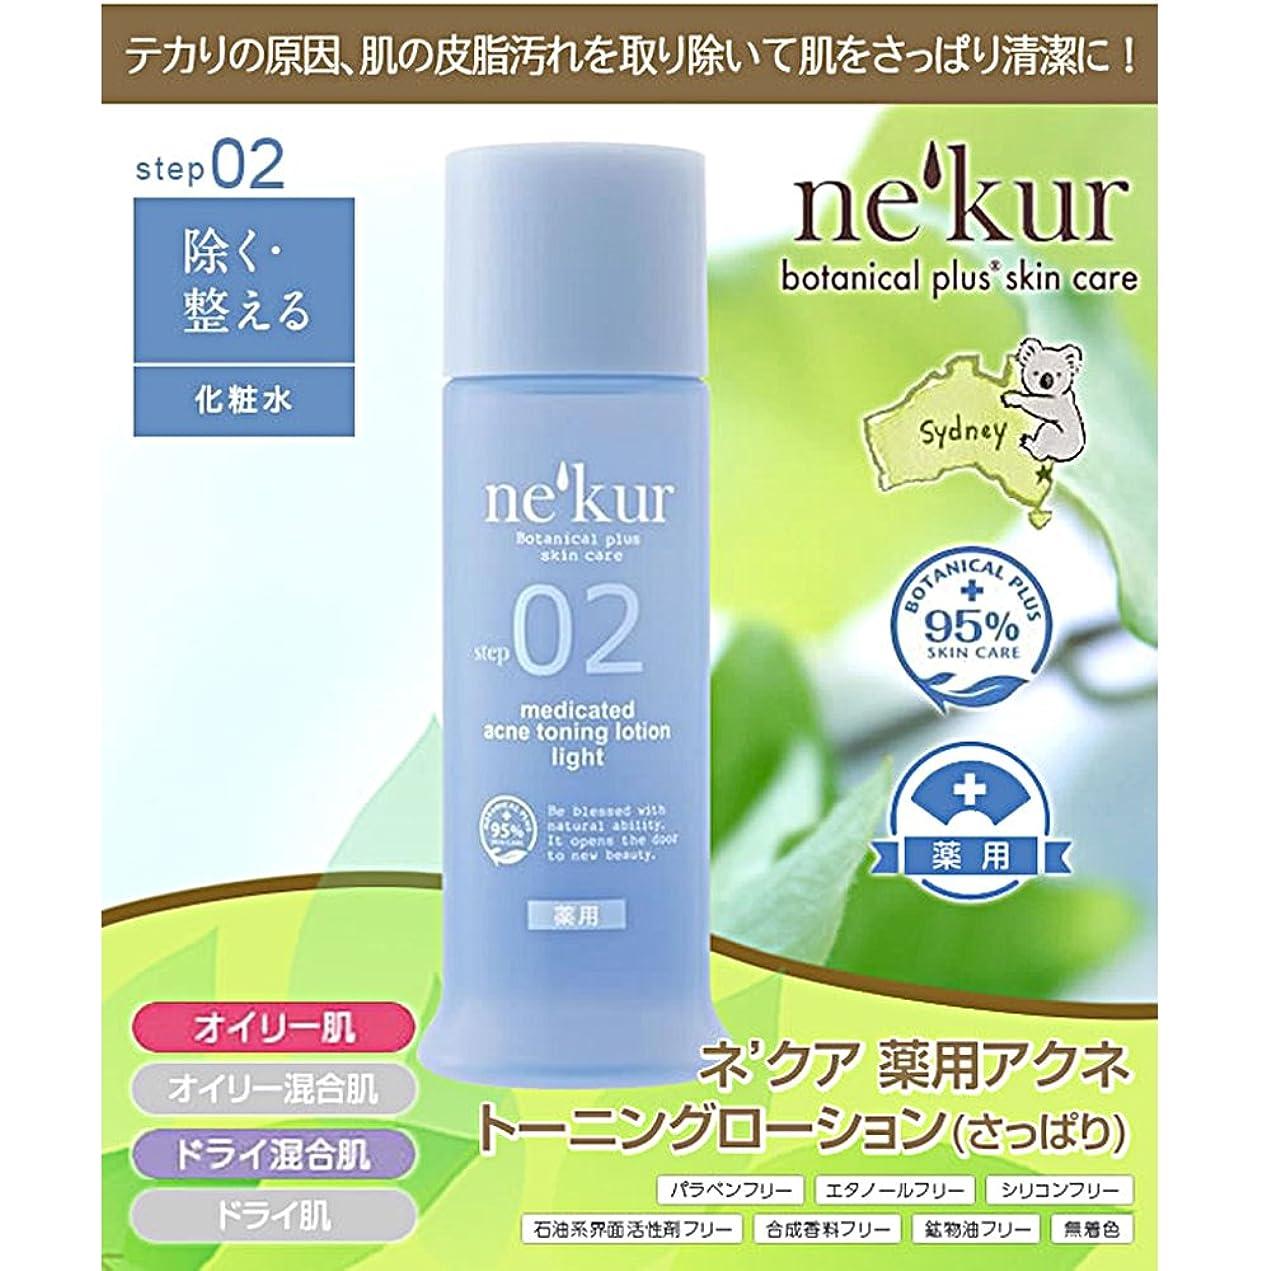 ネクア 薬用トーニングローション(さっぱり) 化粧水 120ml(医薬部外品)